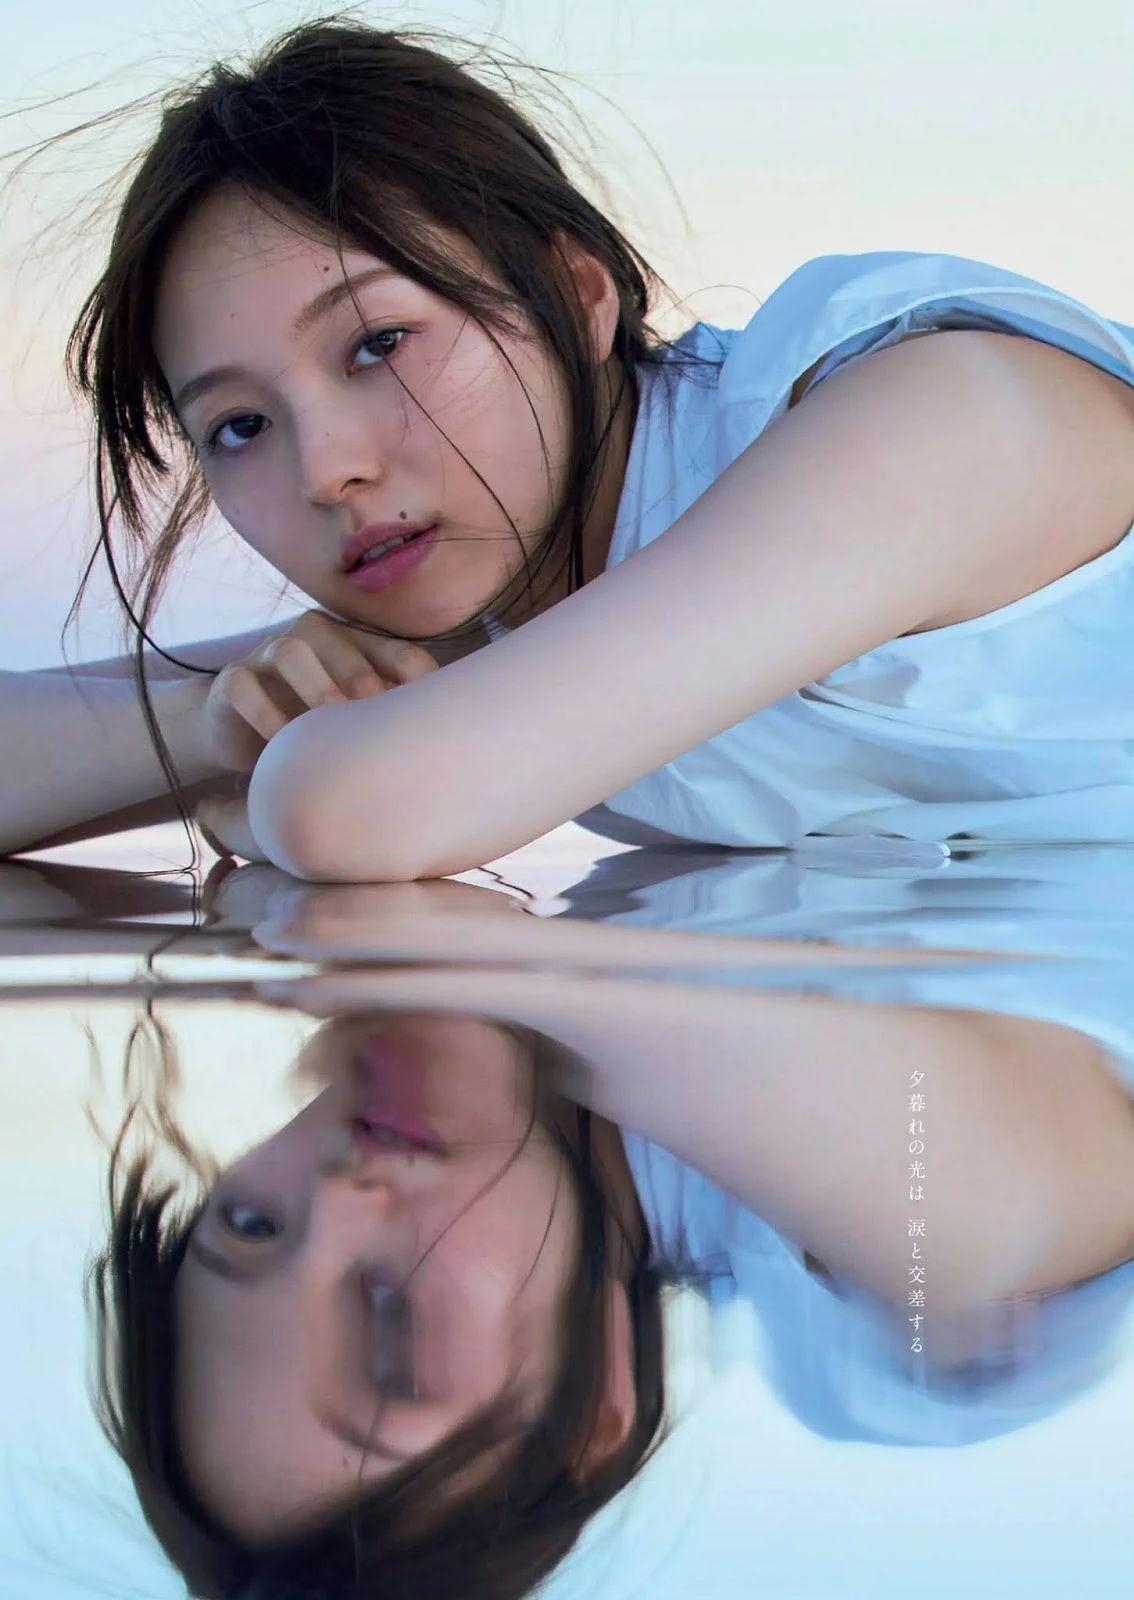 成熟气质与真实年龄不相符的梅泽美波写真作品 (39)